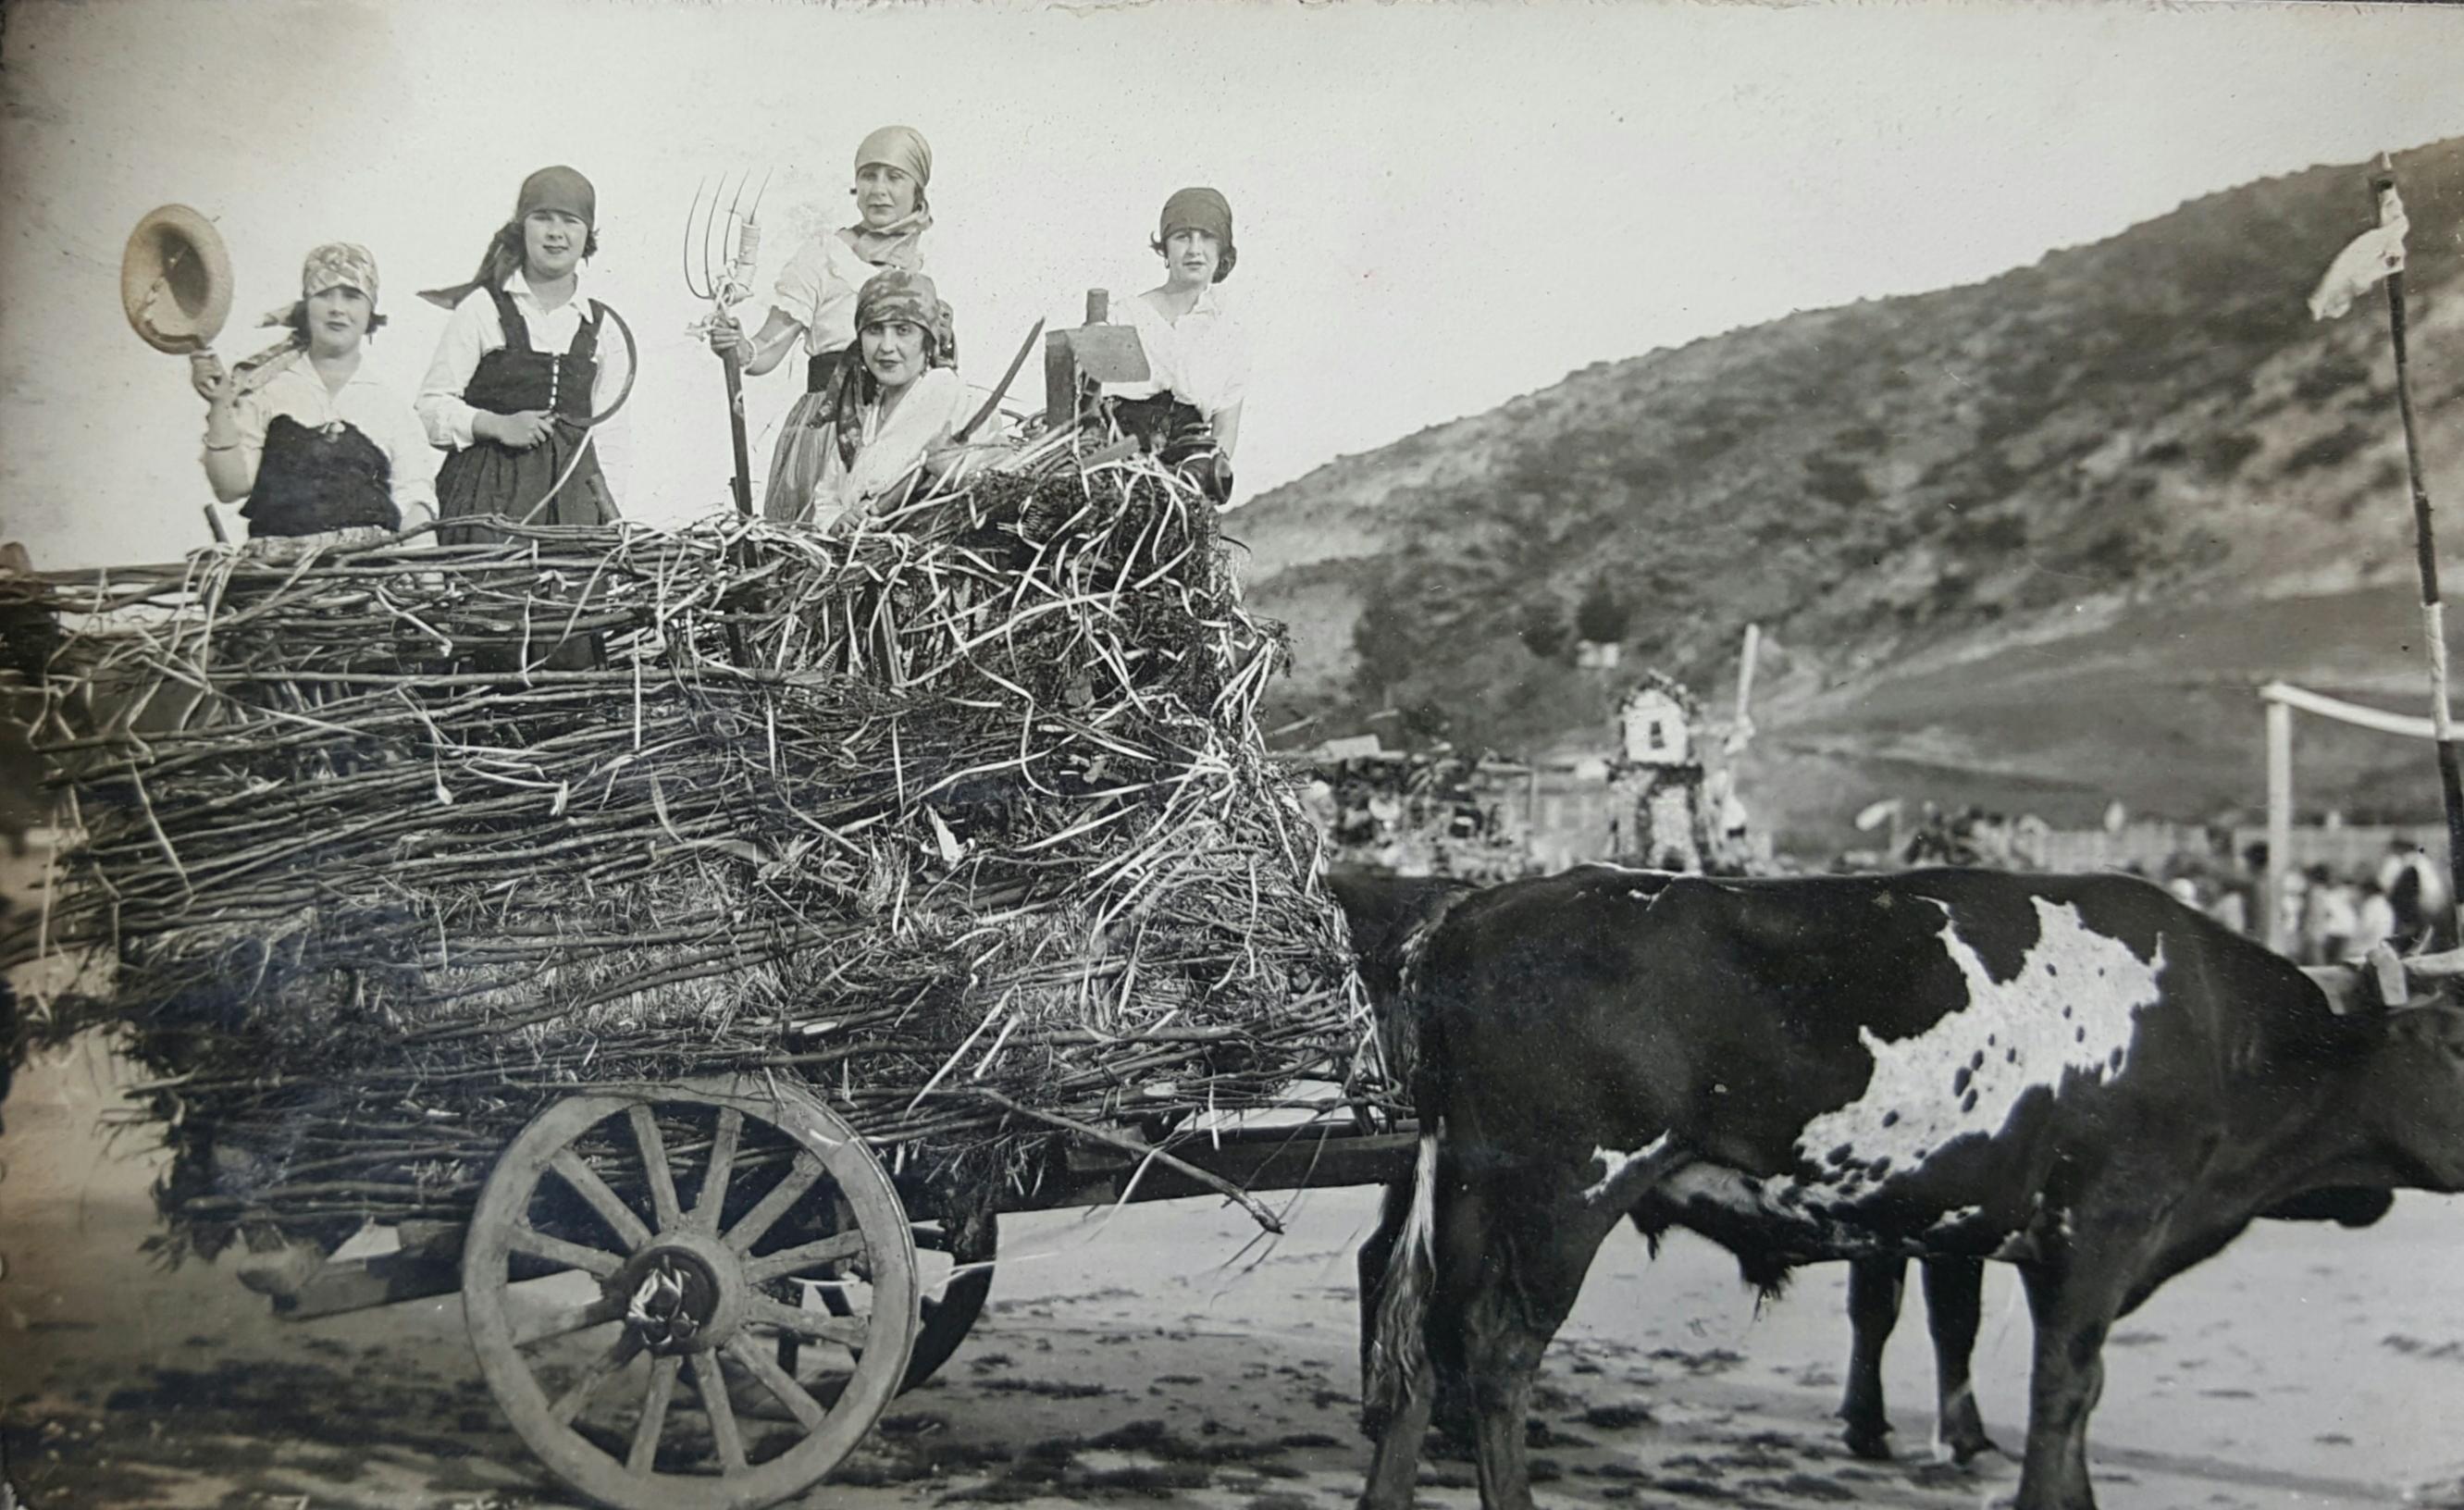 Enterreno - Fotos históricas de chile - fotos antiguas de Chile - Trilla, lugar desconocido, 1930